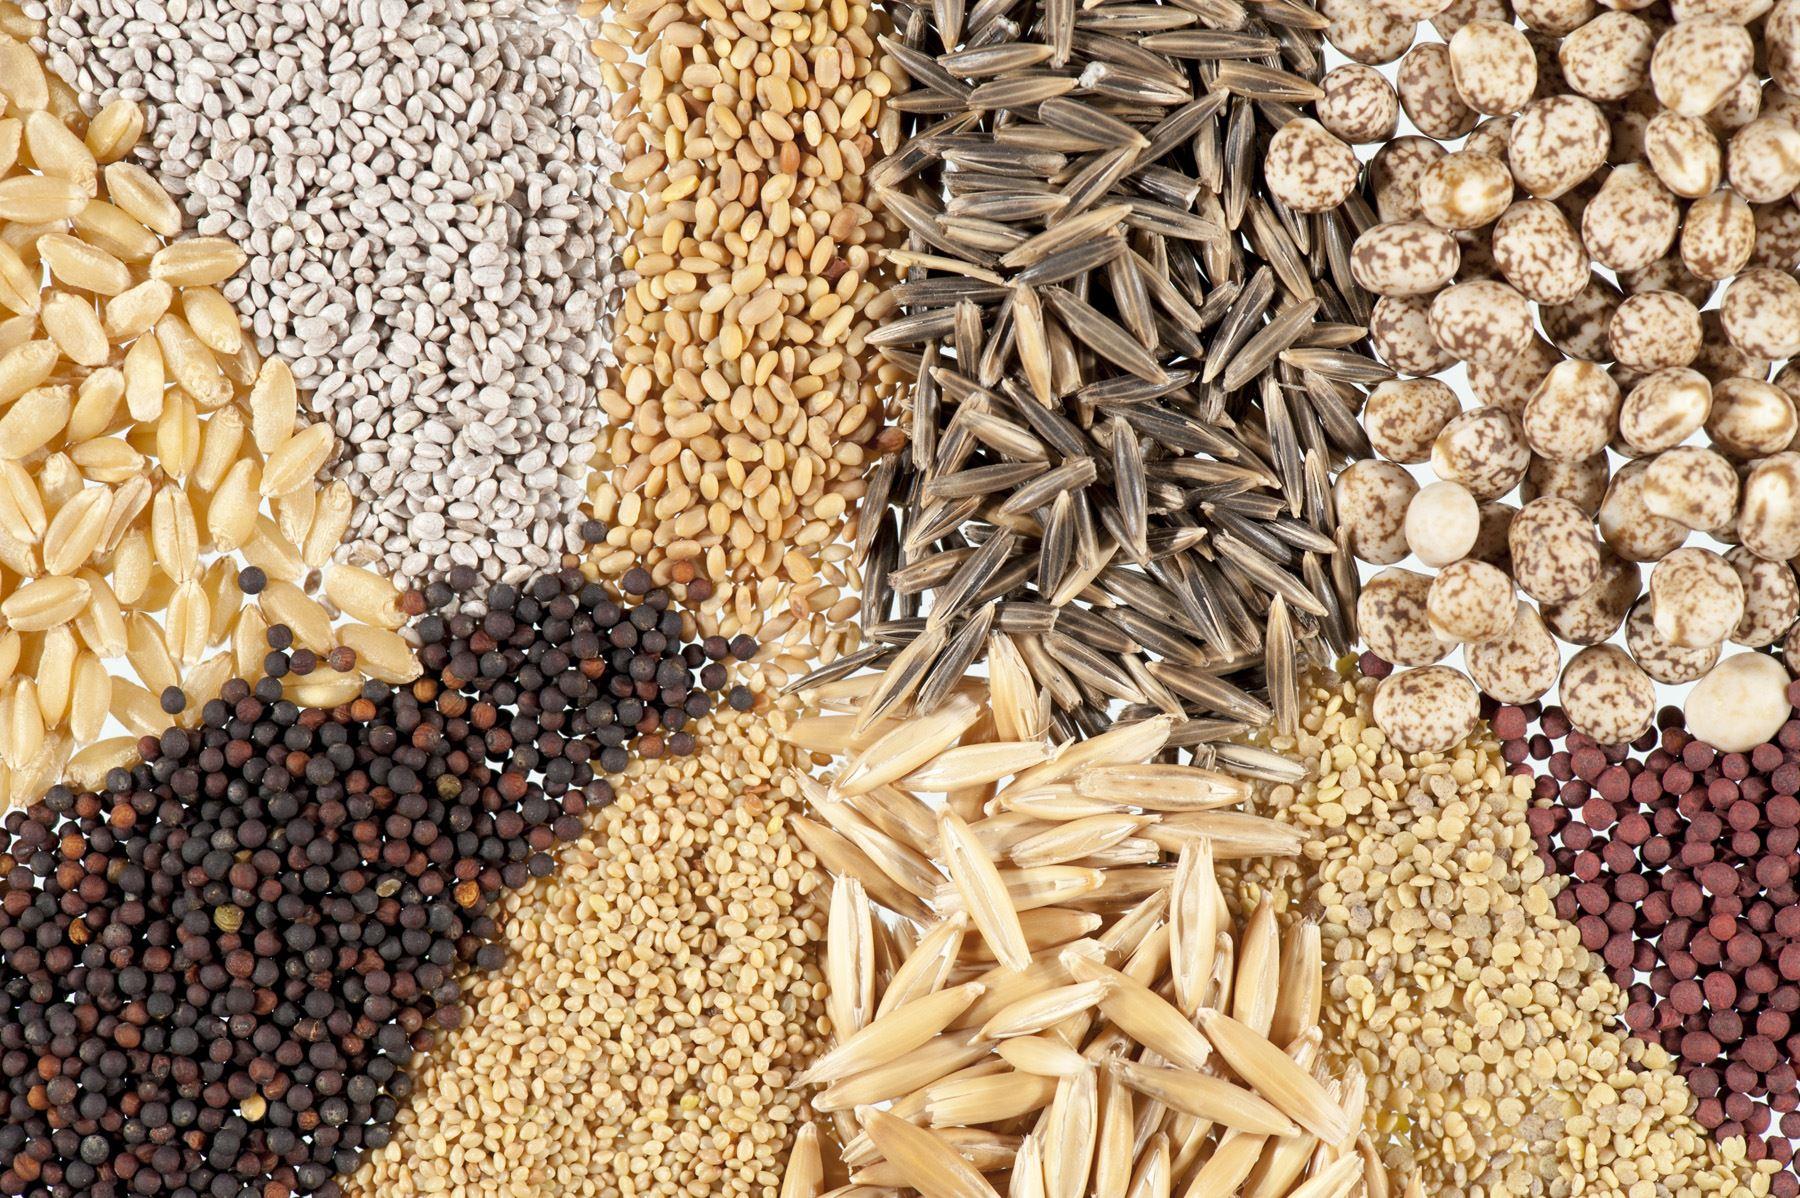 نسبة الفيتامينات المختلفة الموجودة في بعض الحبوب مقالات